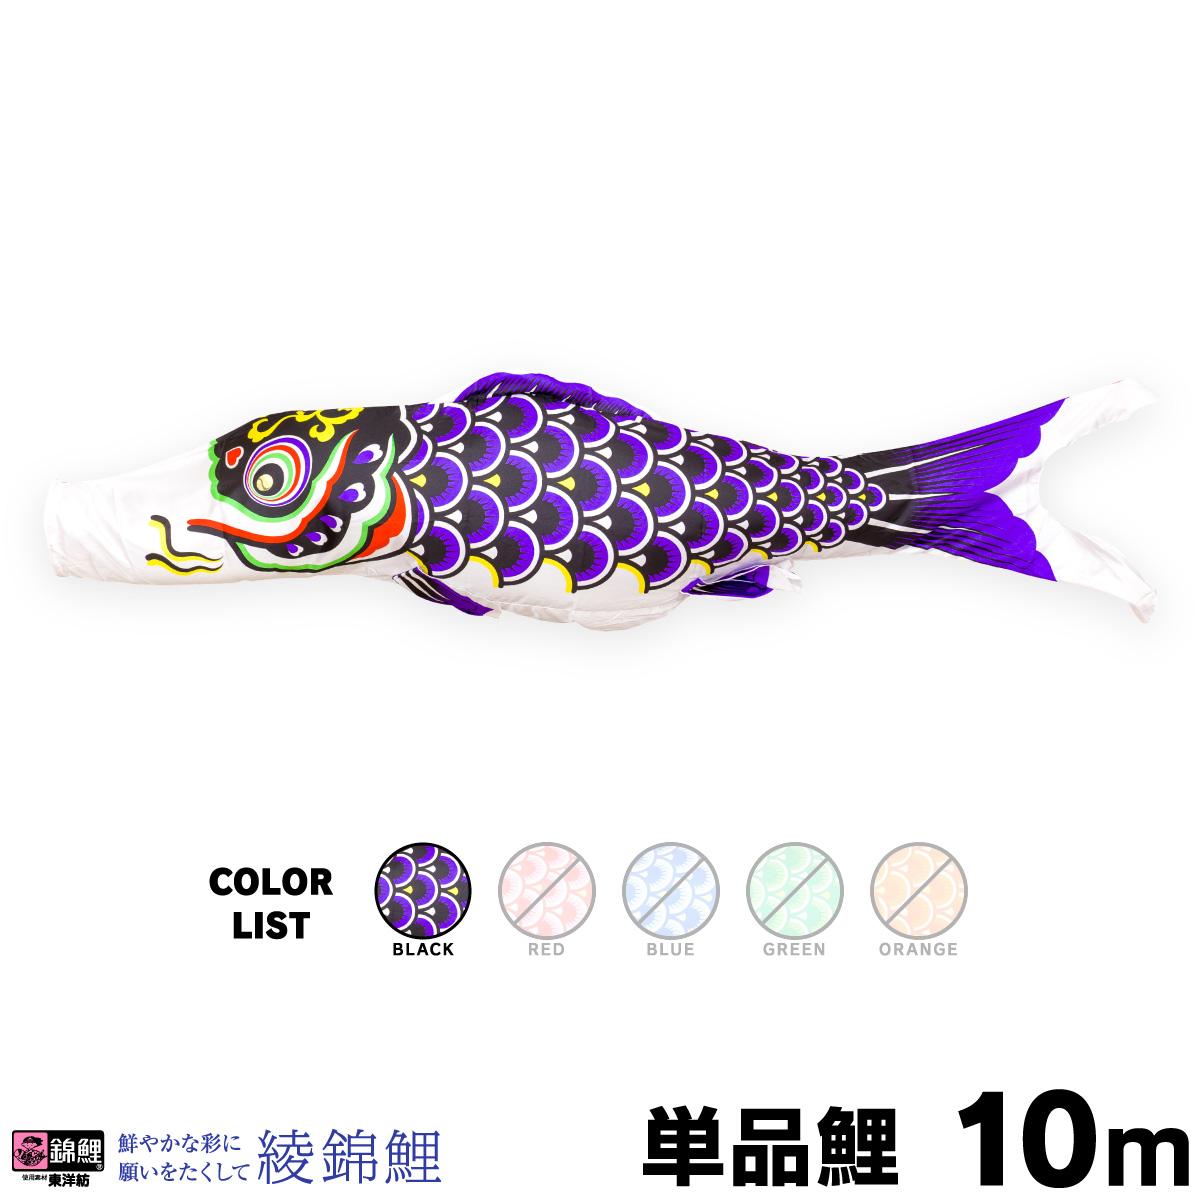 【こいのぼり 単品】 綾錦鯉 10m 単品鯉